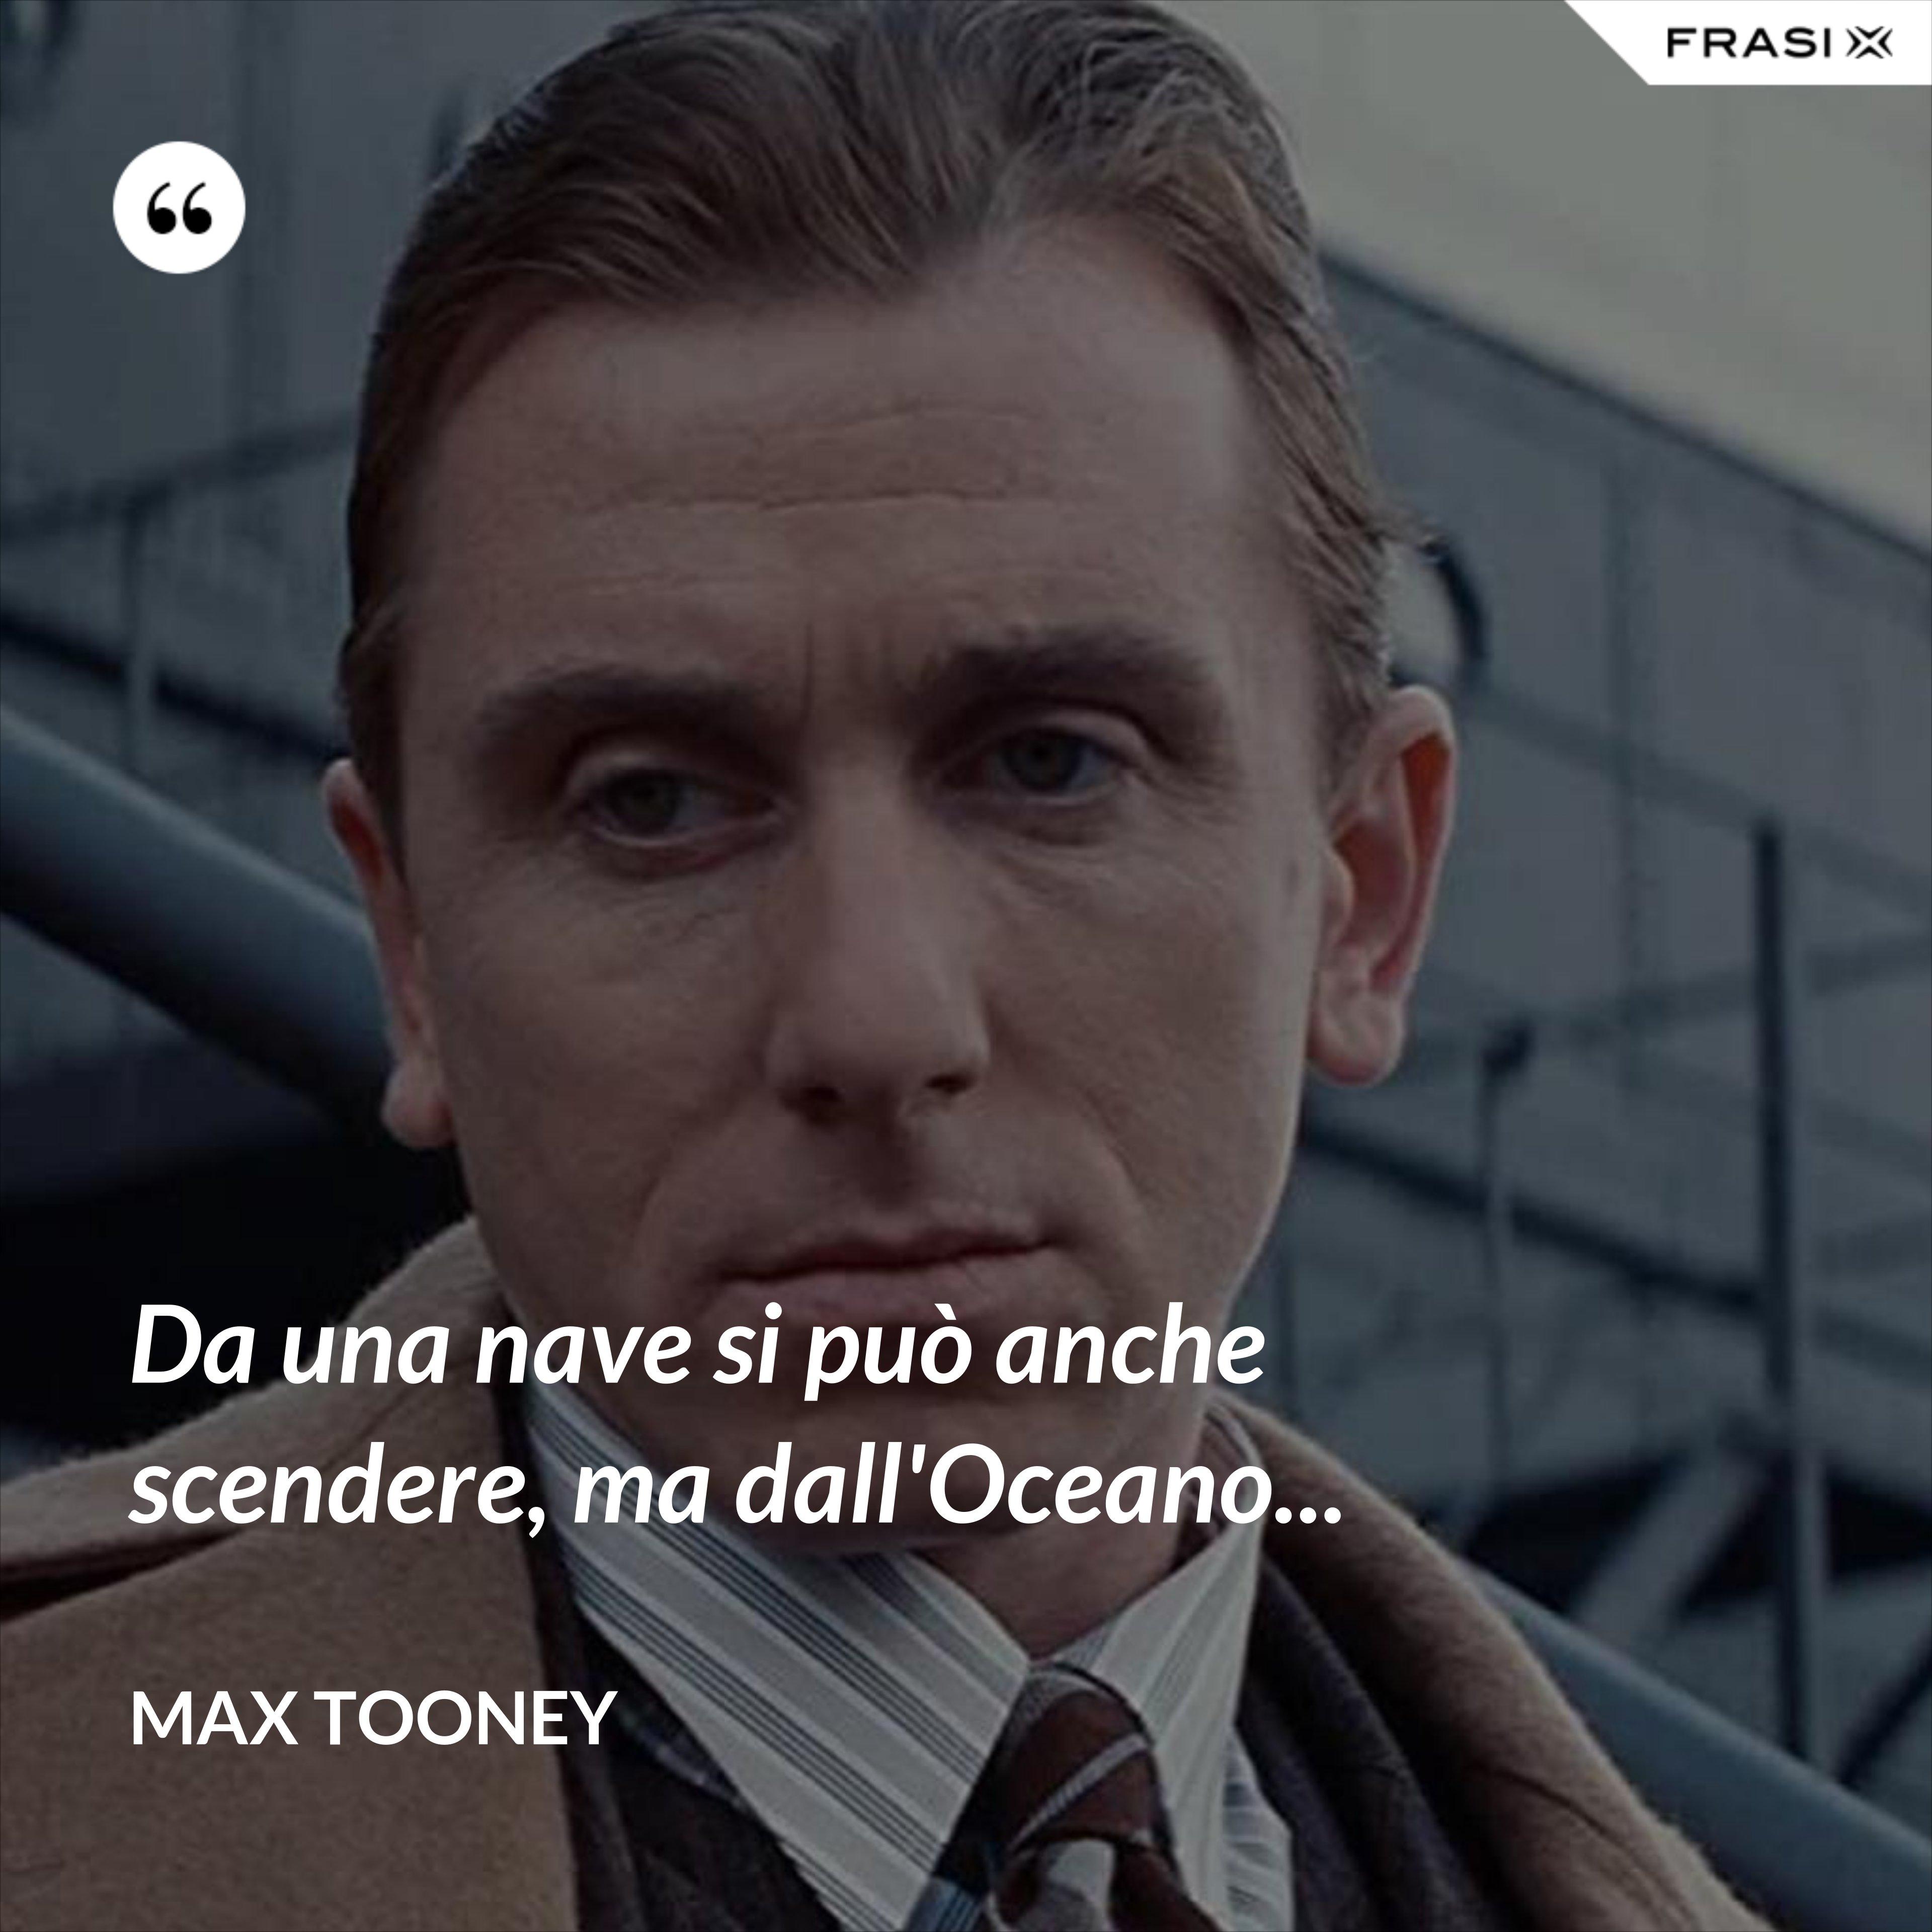 Da una nave si può anche scendere, ma dall'Oceano... - Max Tooney